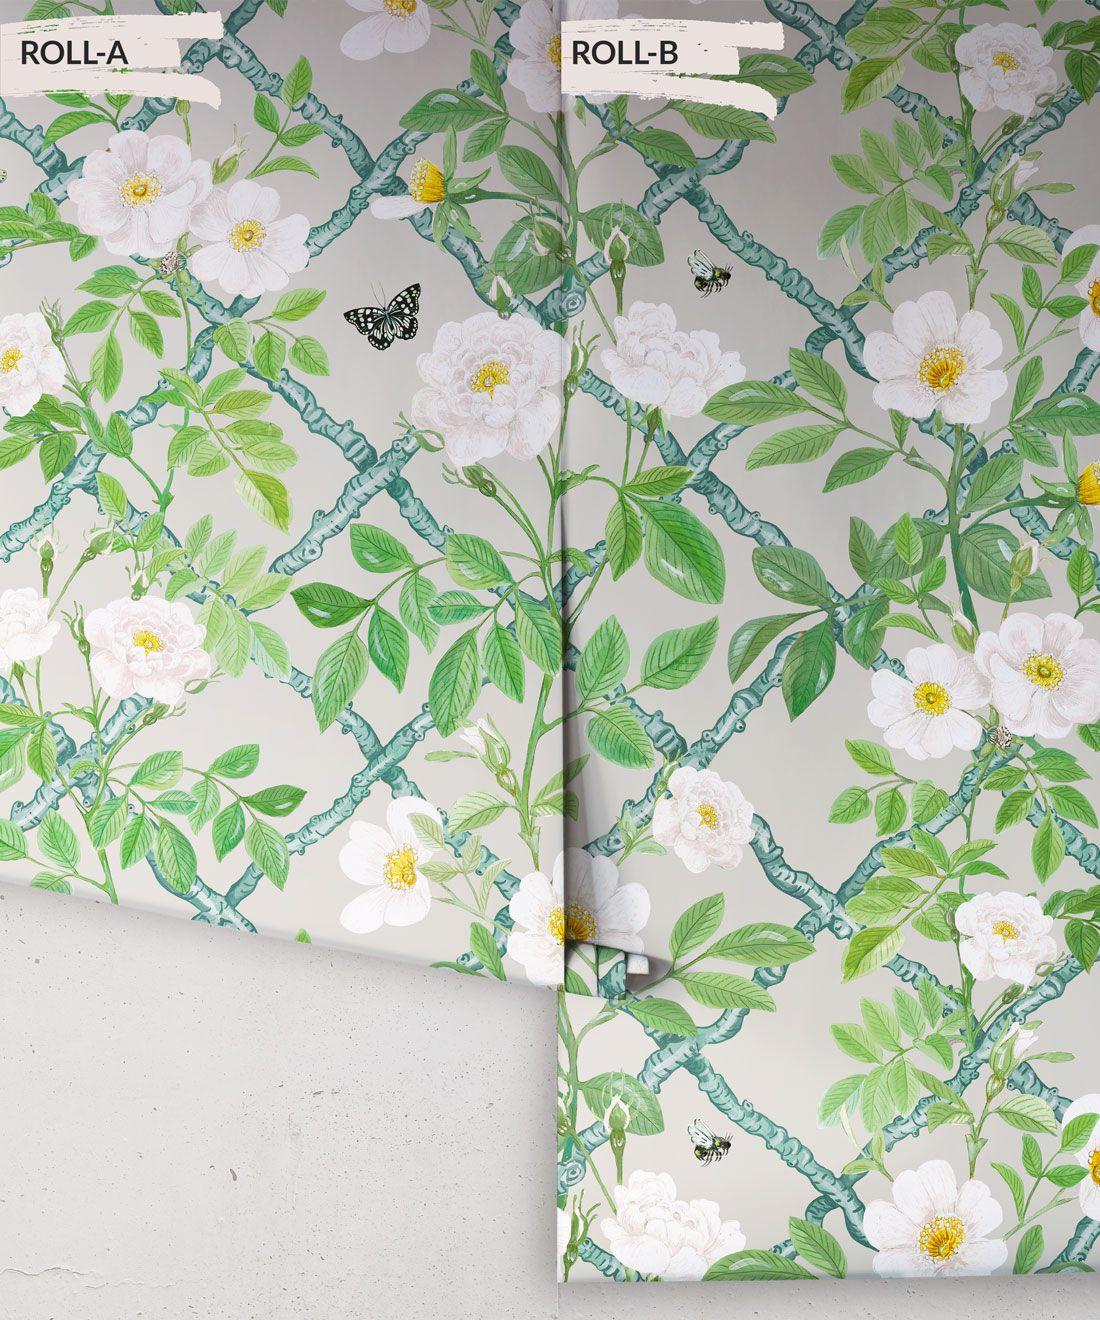 Treilage Wallpaper • Floral Wallpaper • Beige • Rolls